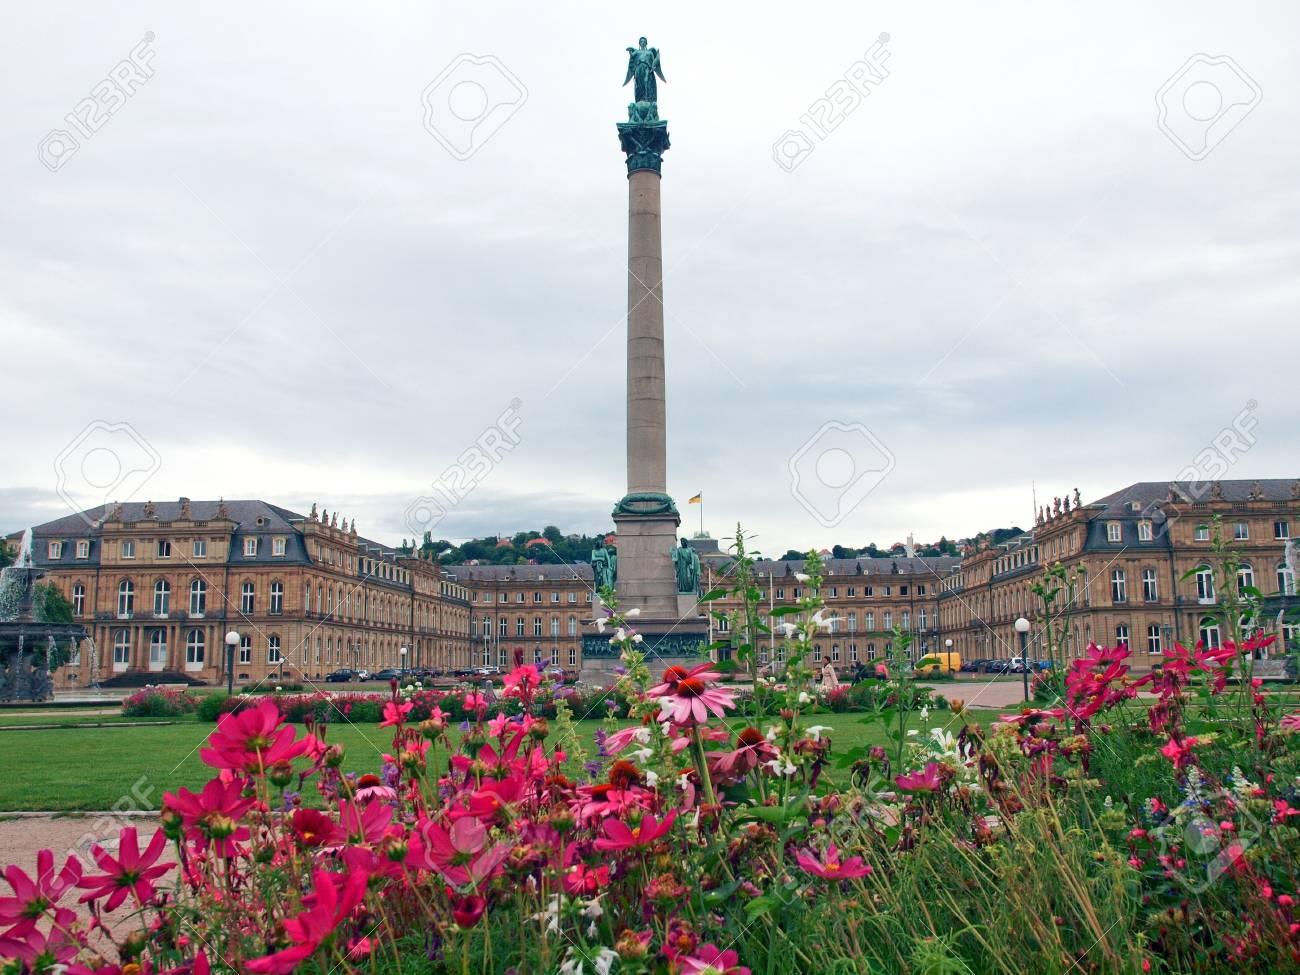 The Schlossplatz (Castle square) in Stuttgart, Germany Stock Photo - 15792595